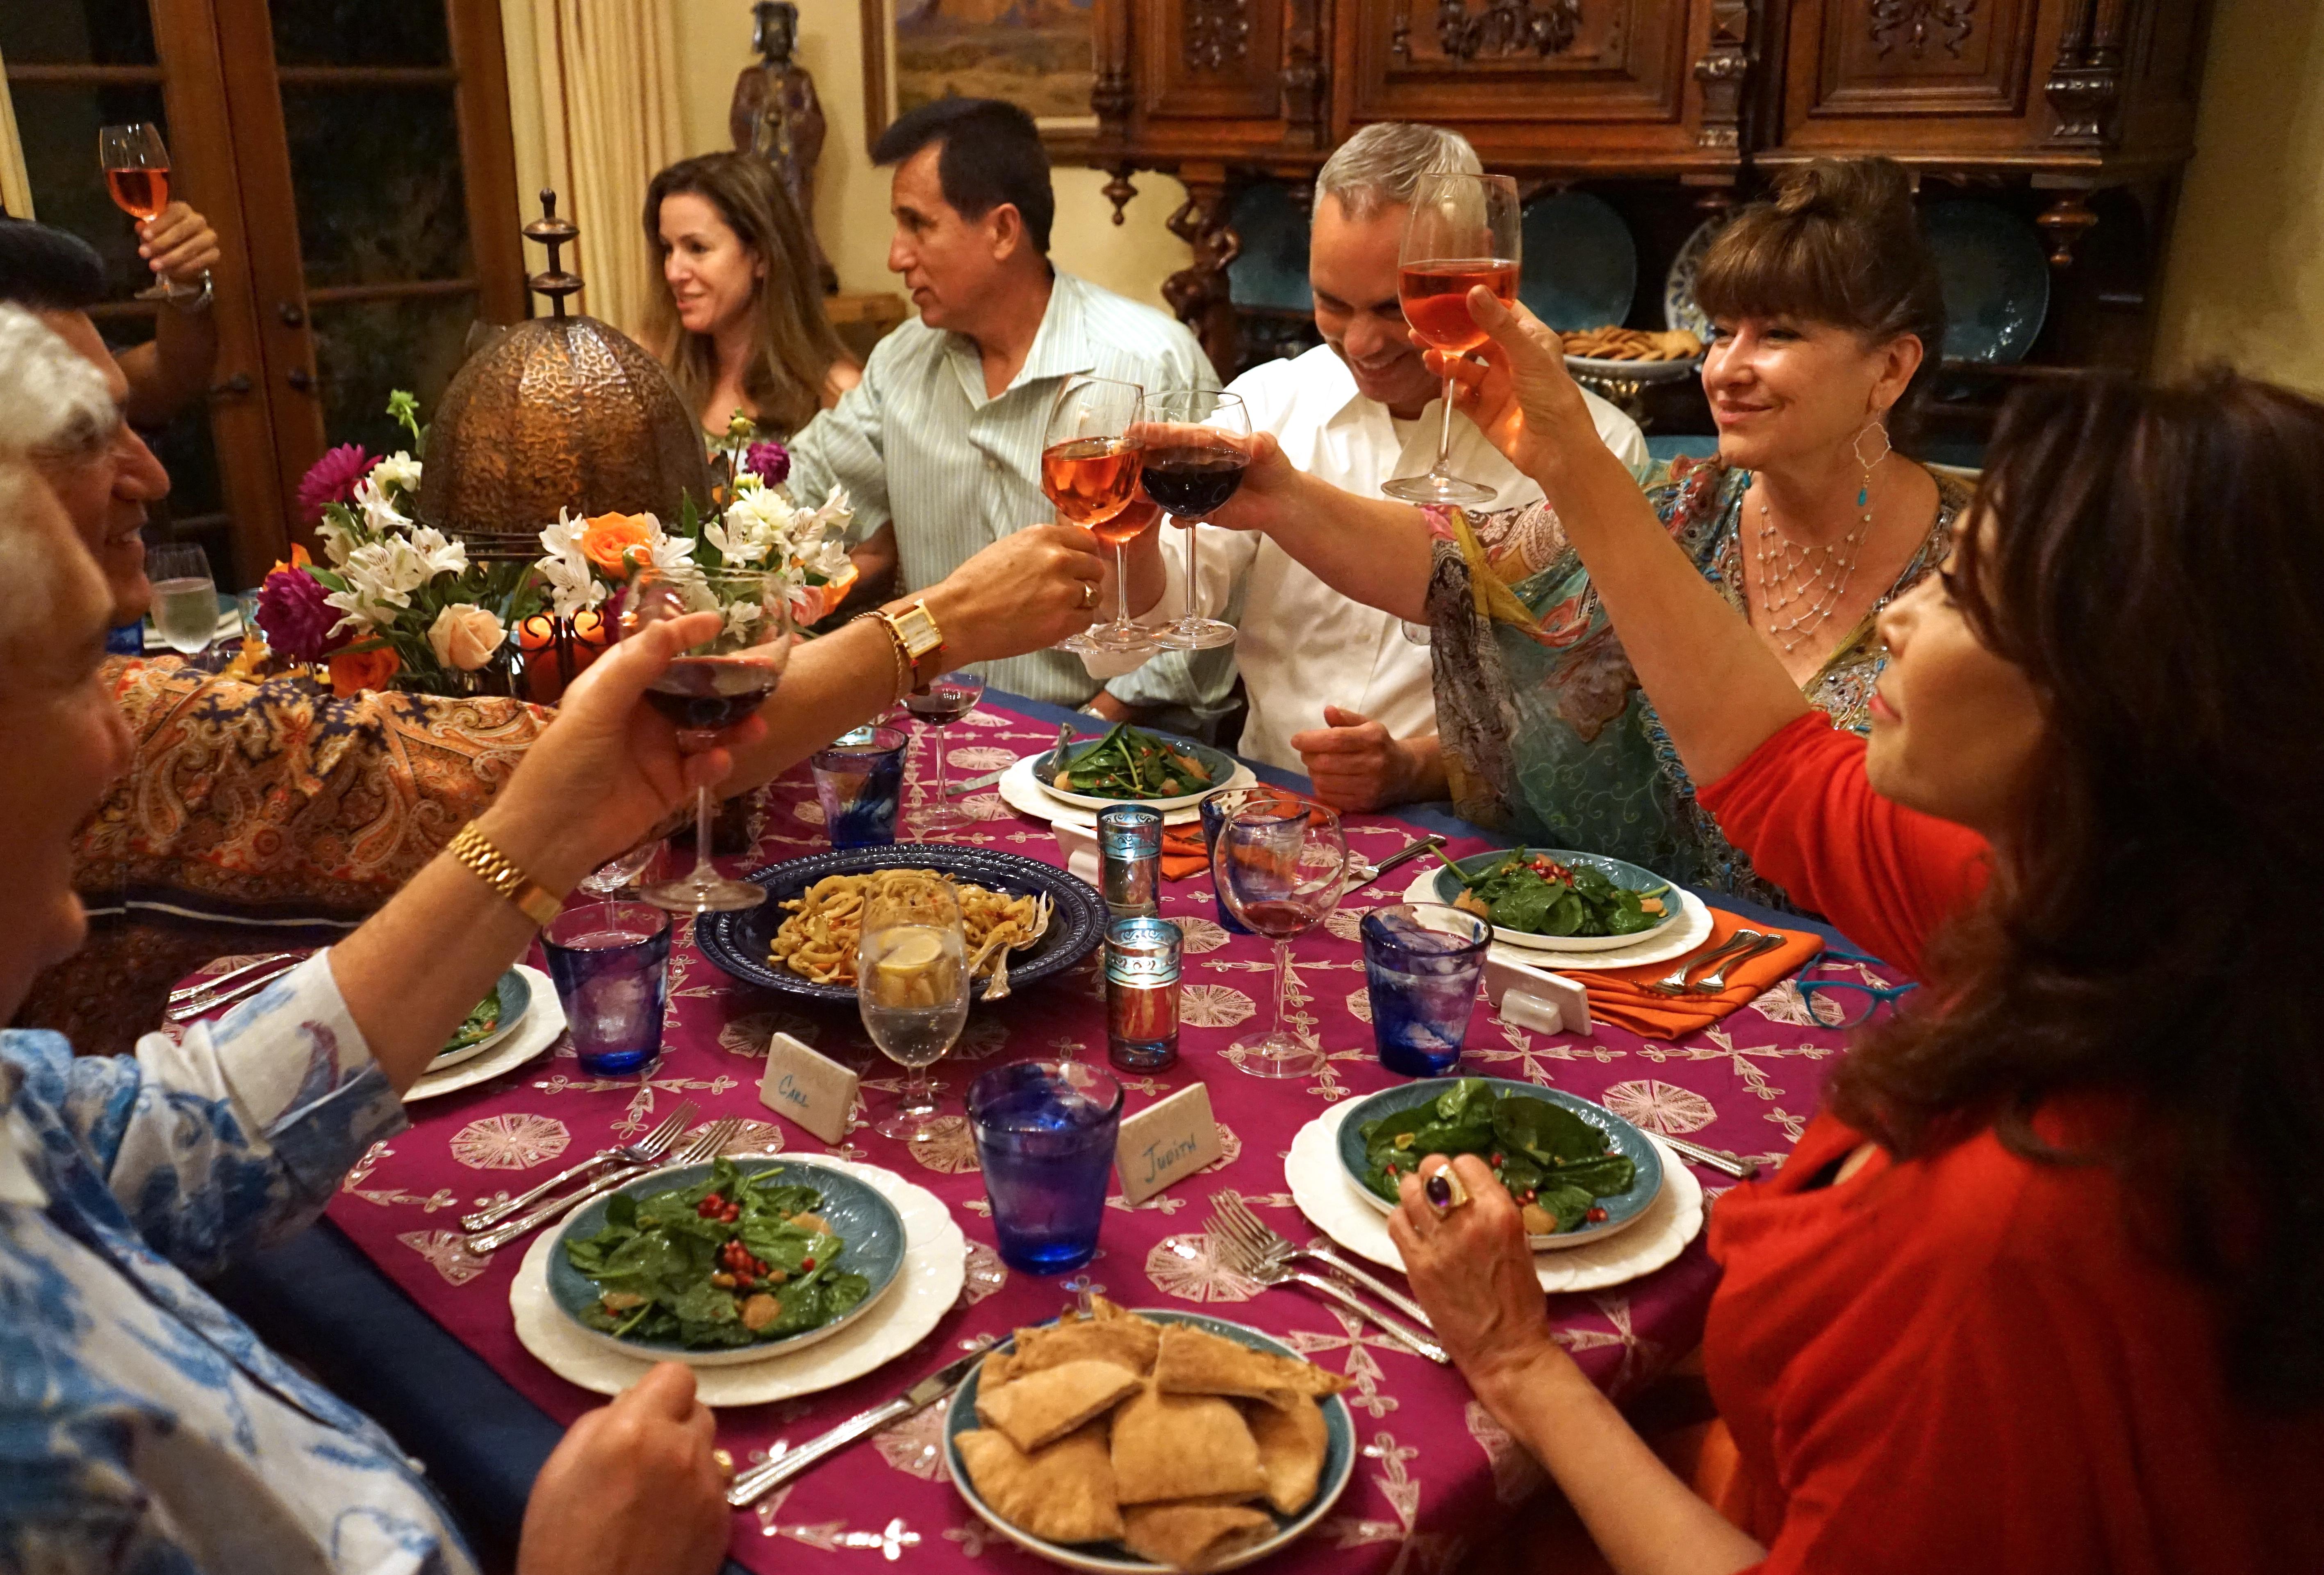 A toast, everyone! A toast!